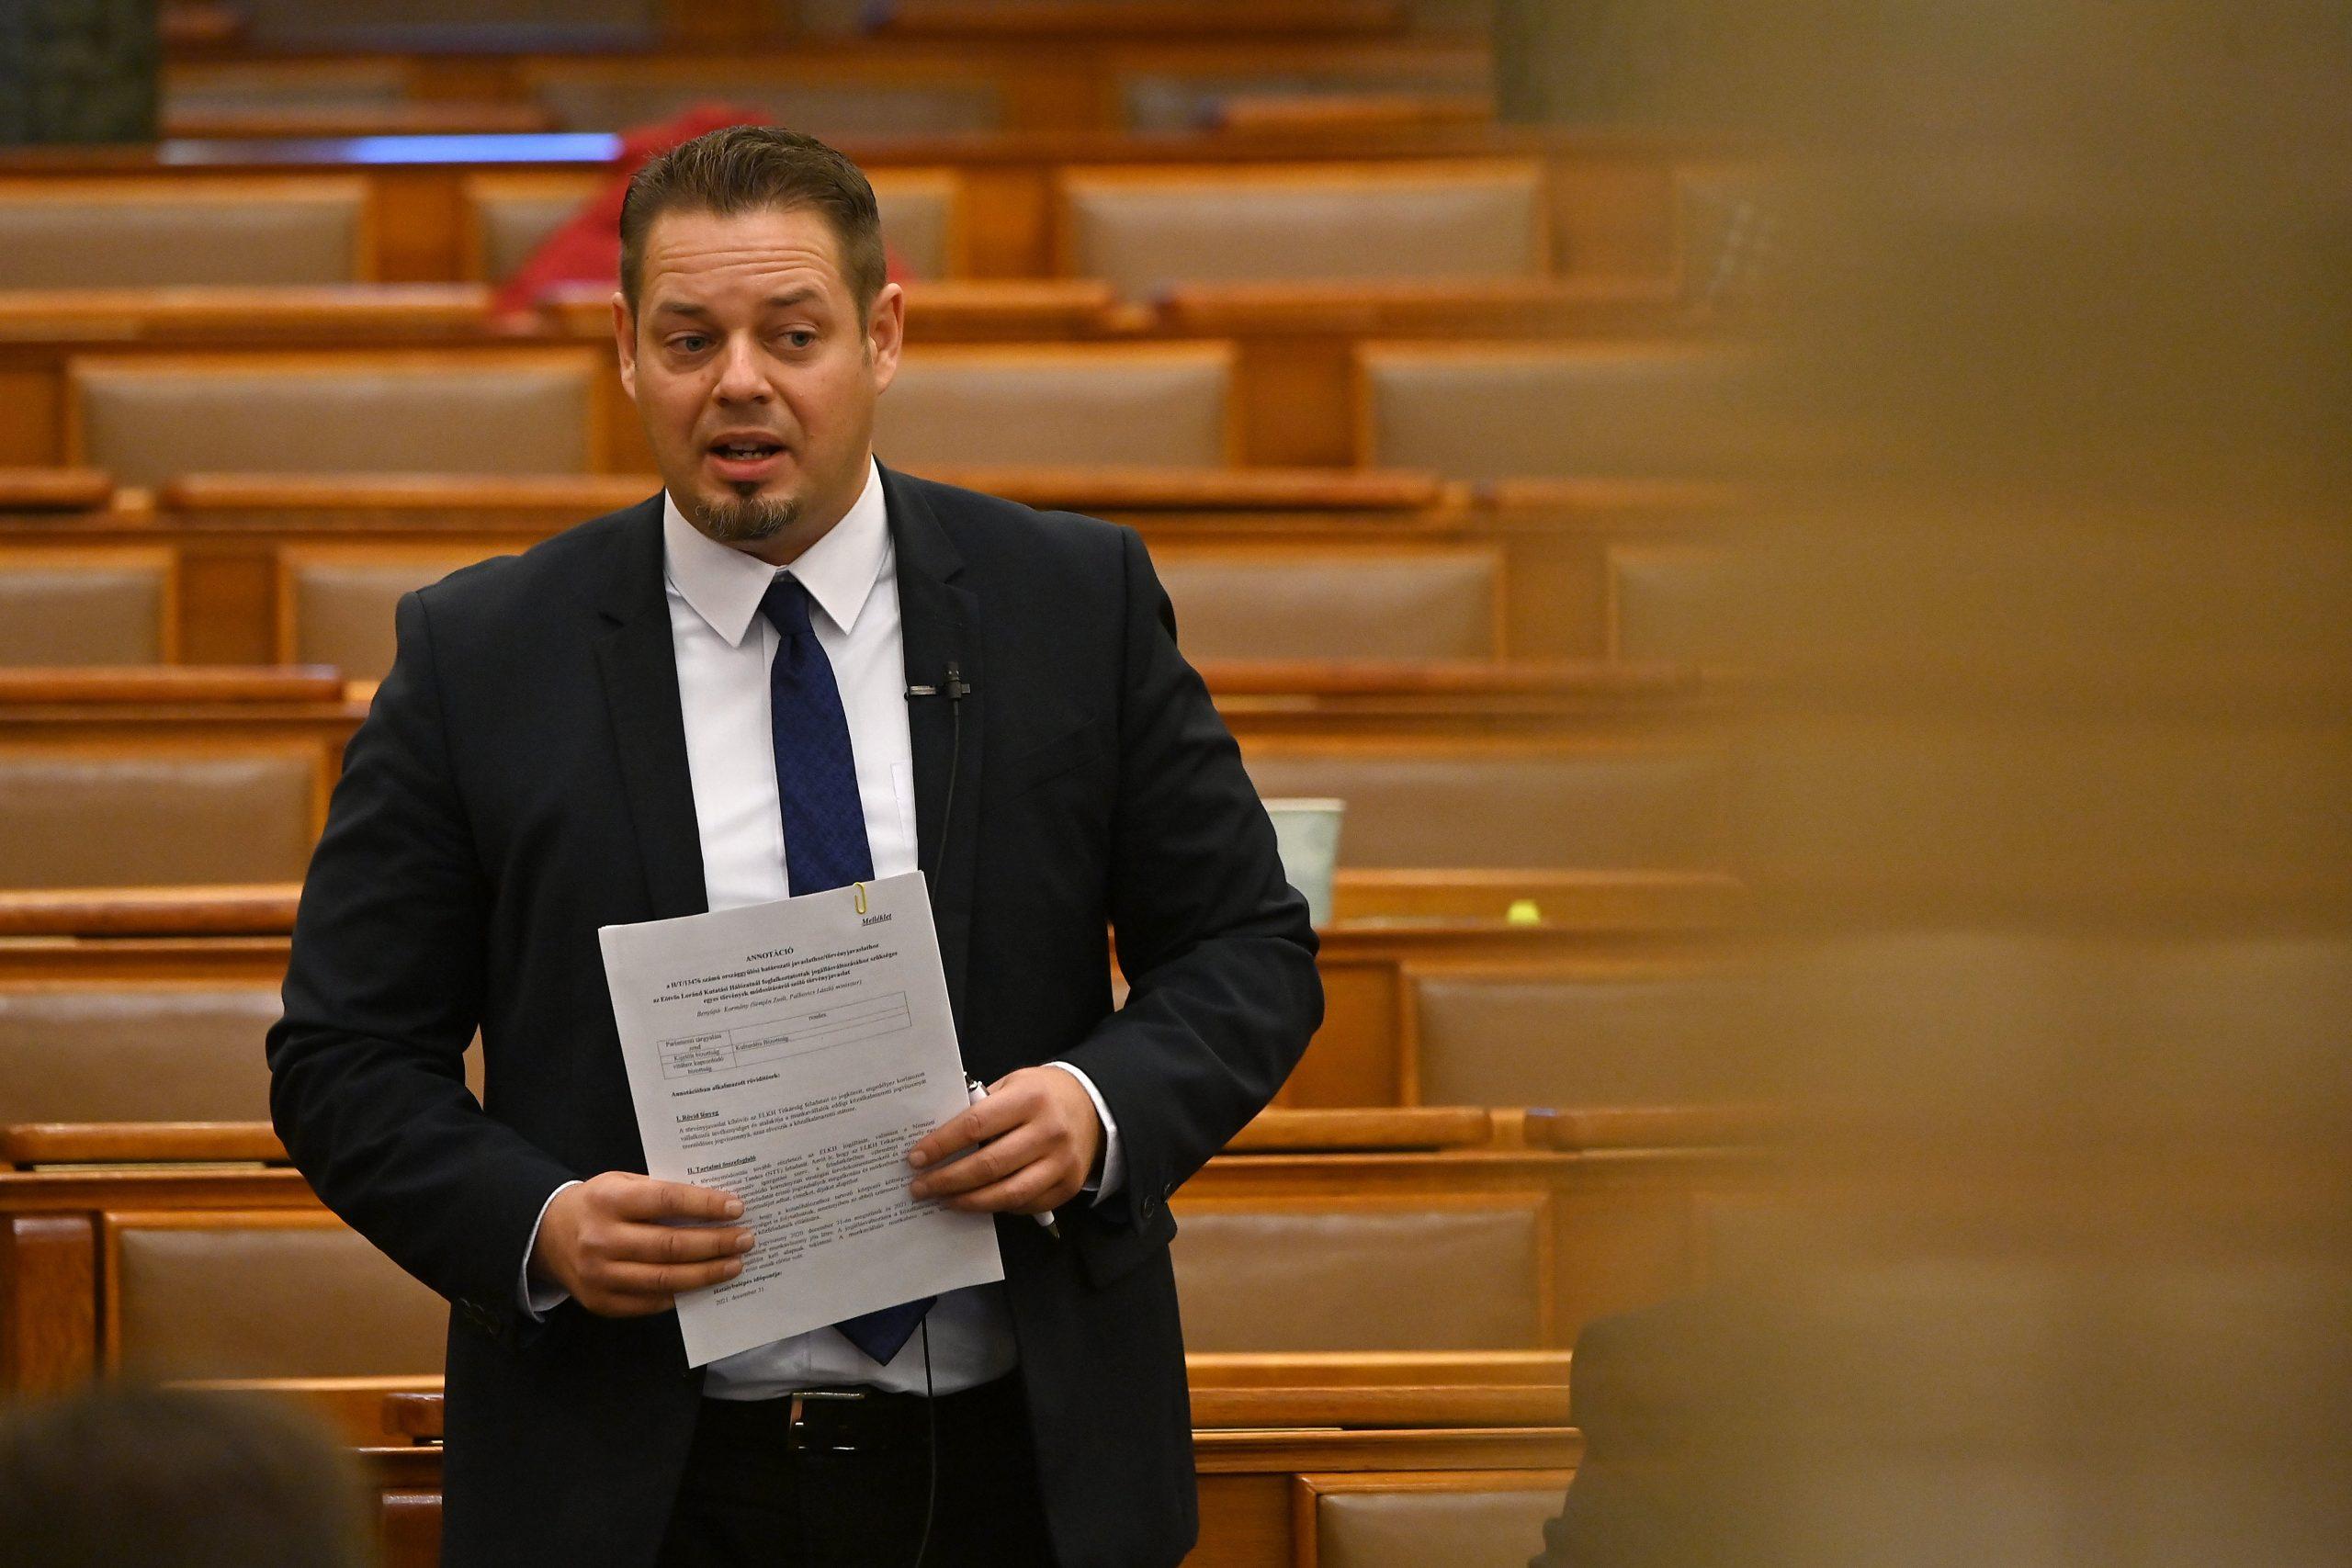 LMP Accuses Fidesz of